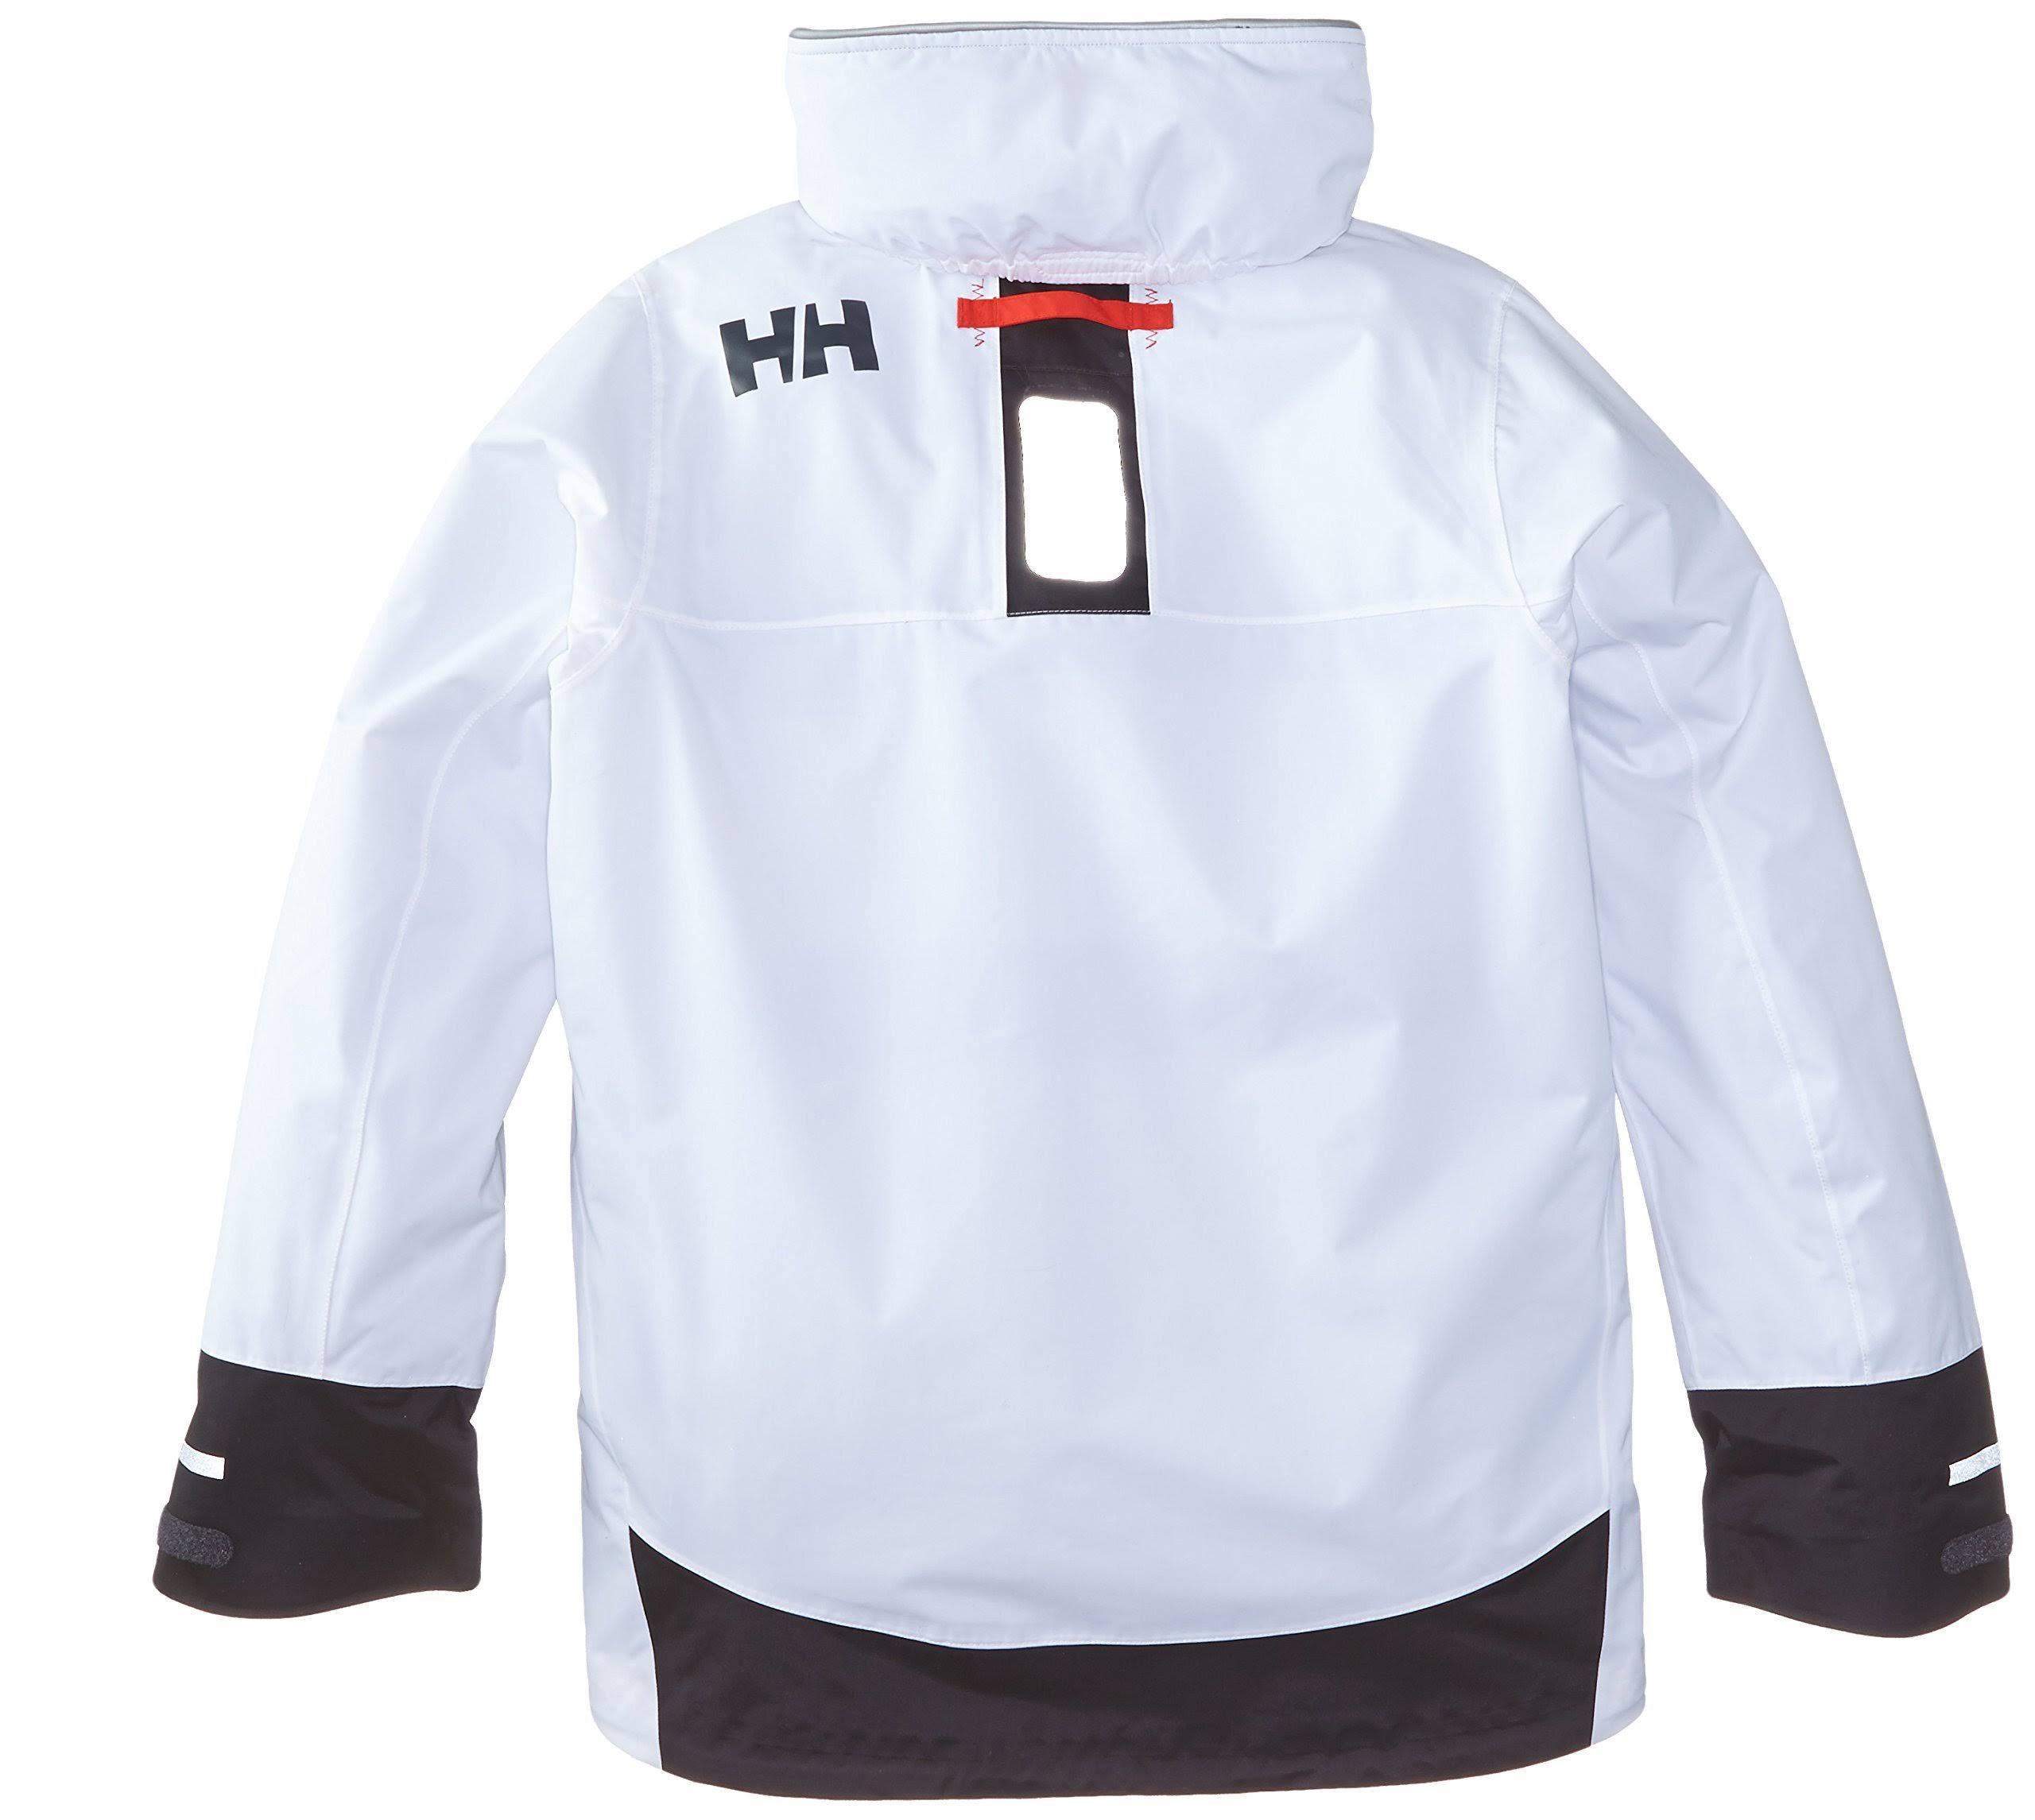 Sie Hansen Wählen Segeljacke Größe Inc Farbe 30283 Damen Für Und Helly Salzregen zqaqwd